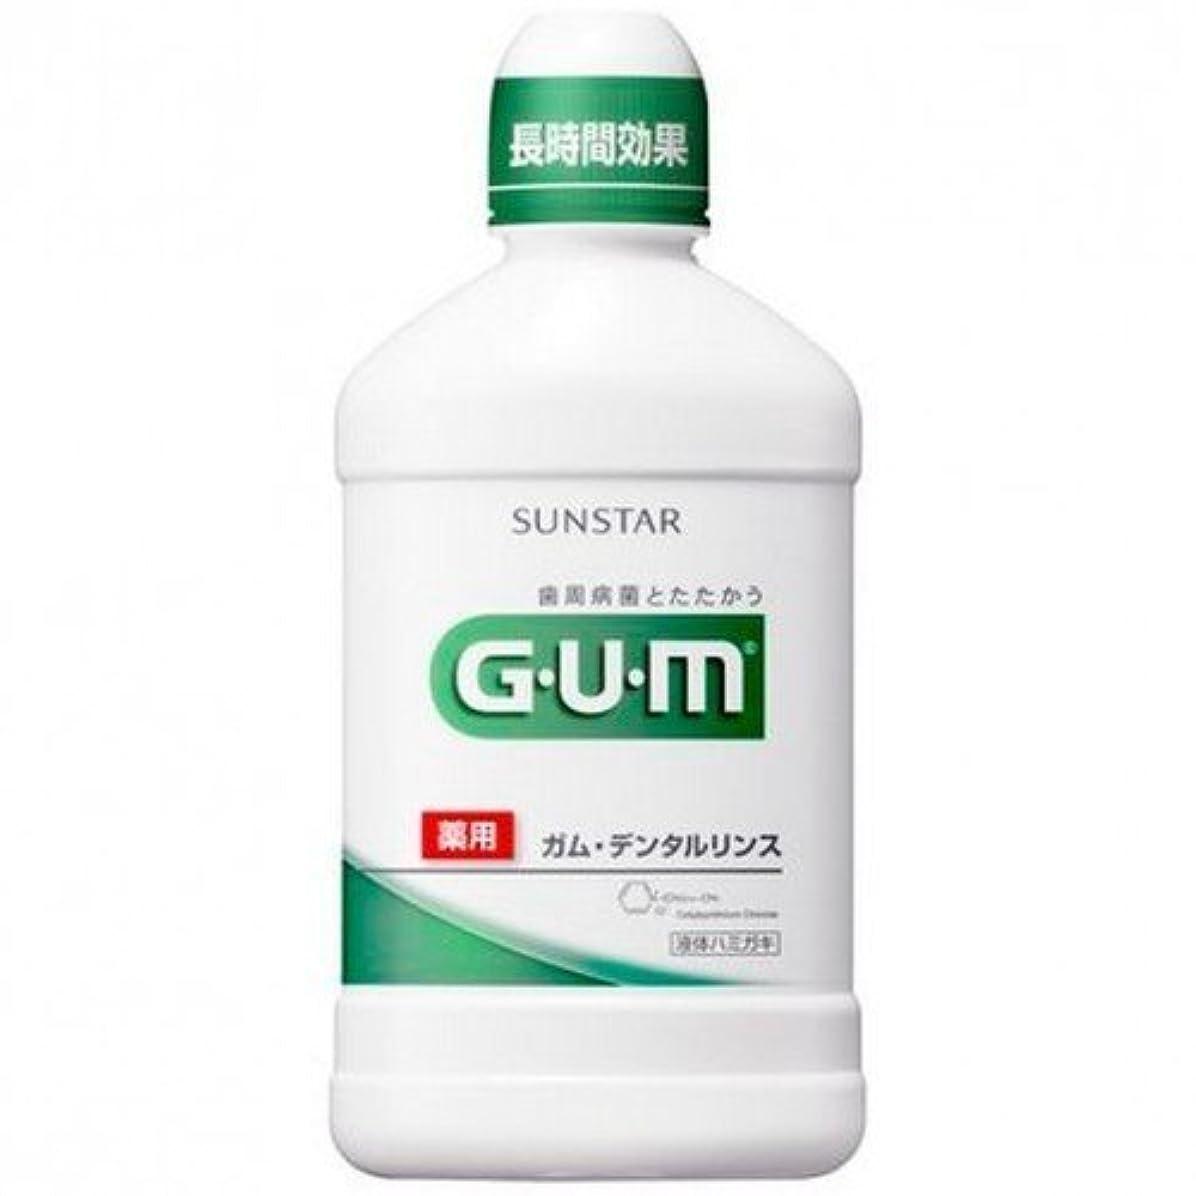 メカニック意外浴室GUM(ガム) 薬用 デンタルリンス レギュラータイプ 500ml ?おまとめセット【6個】?